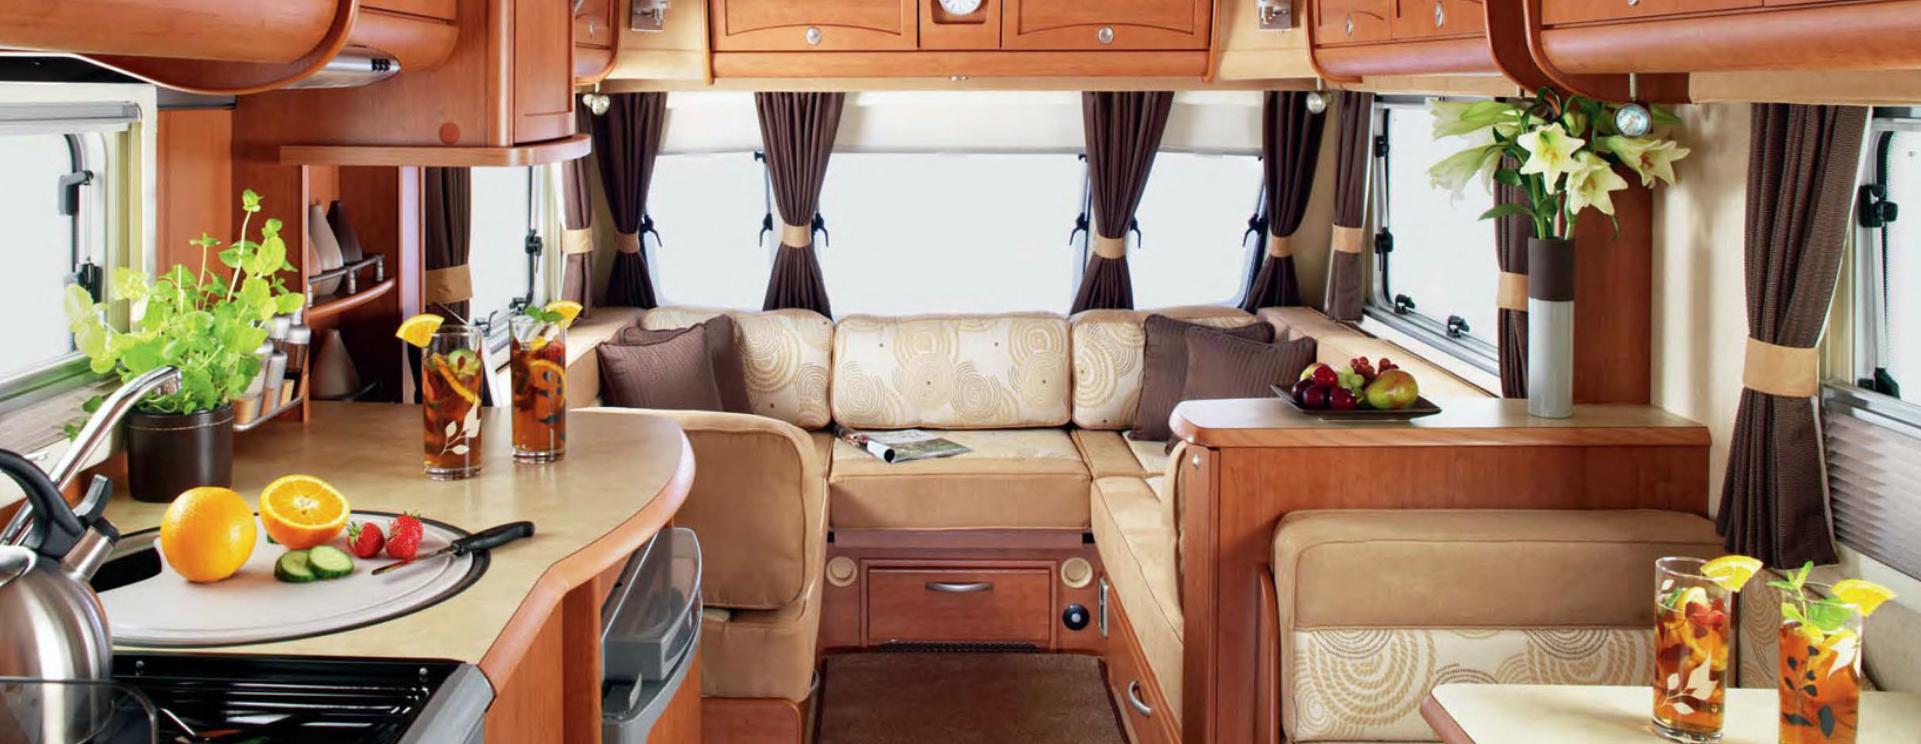 Bessacarr Caravan interior